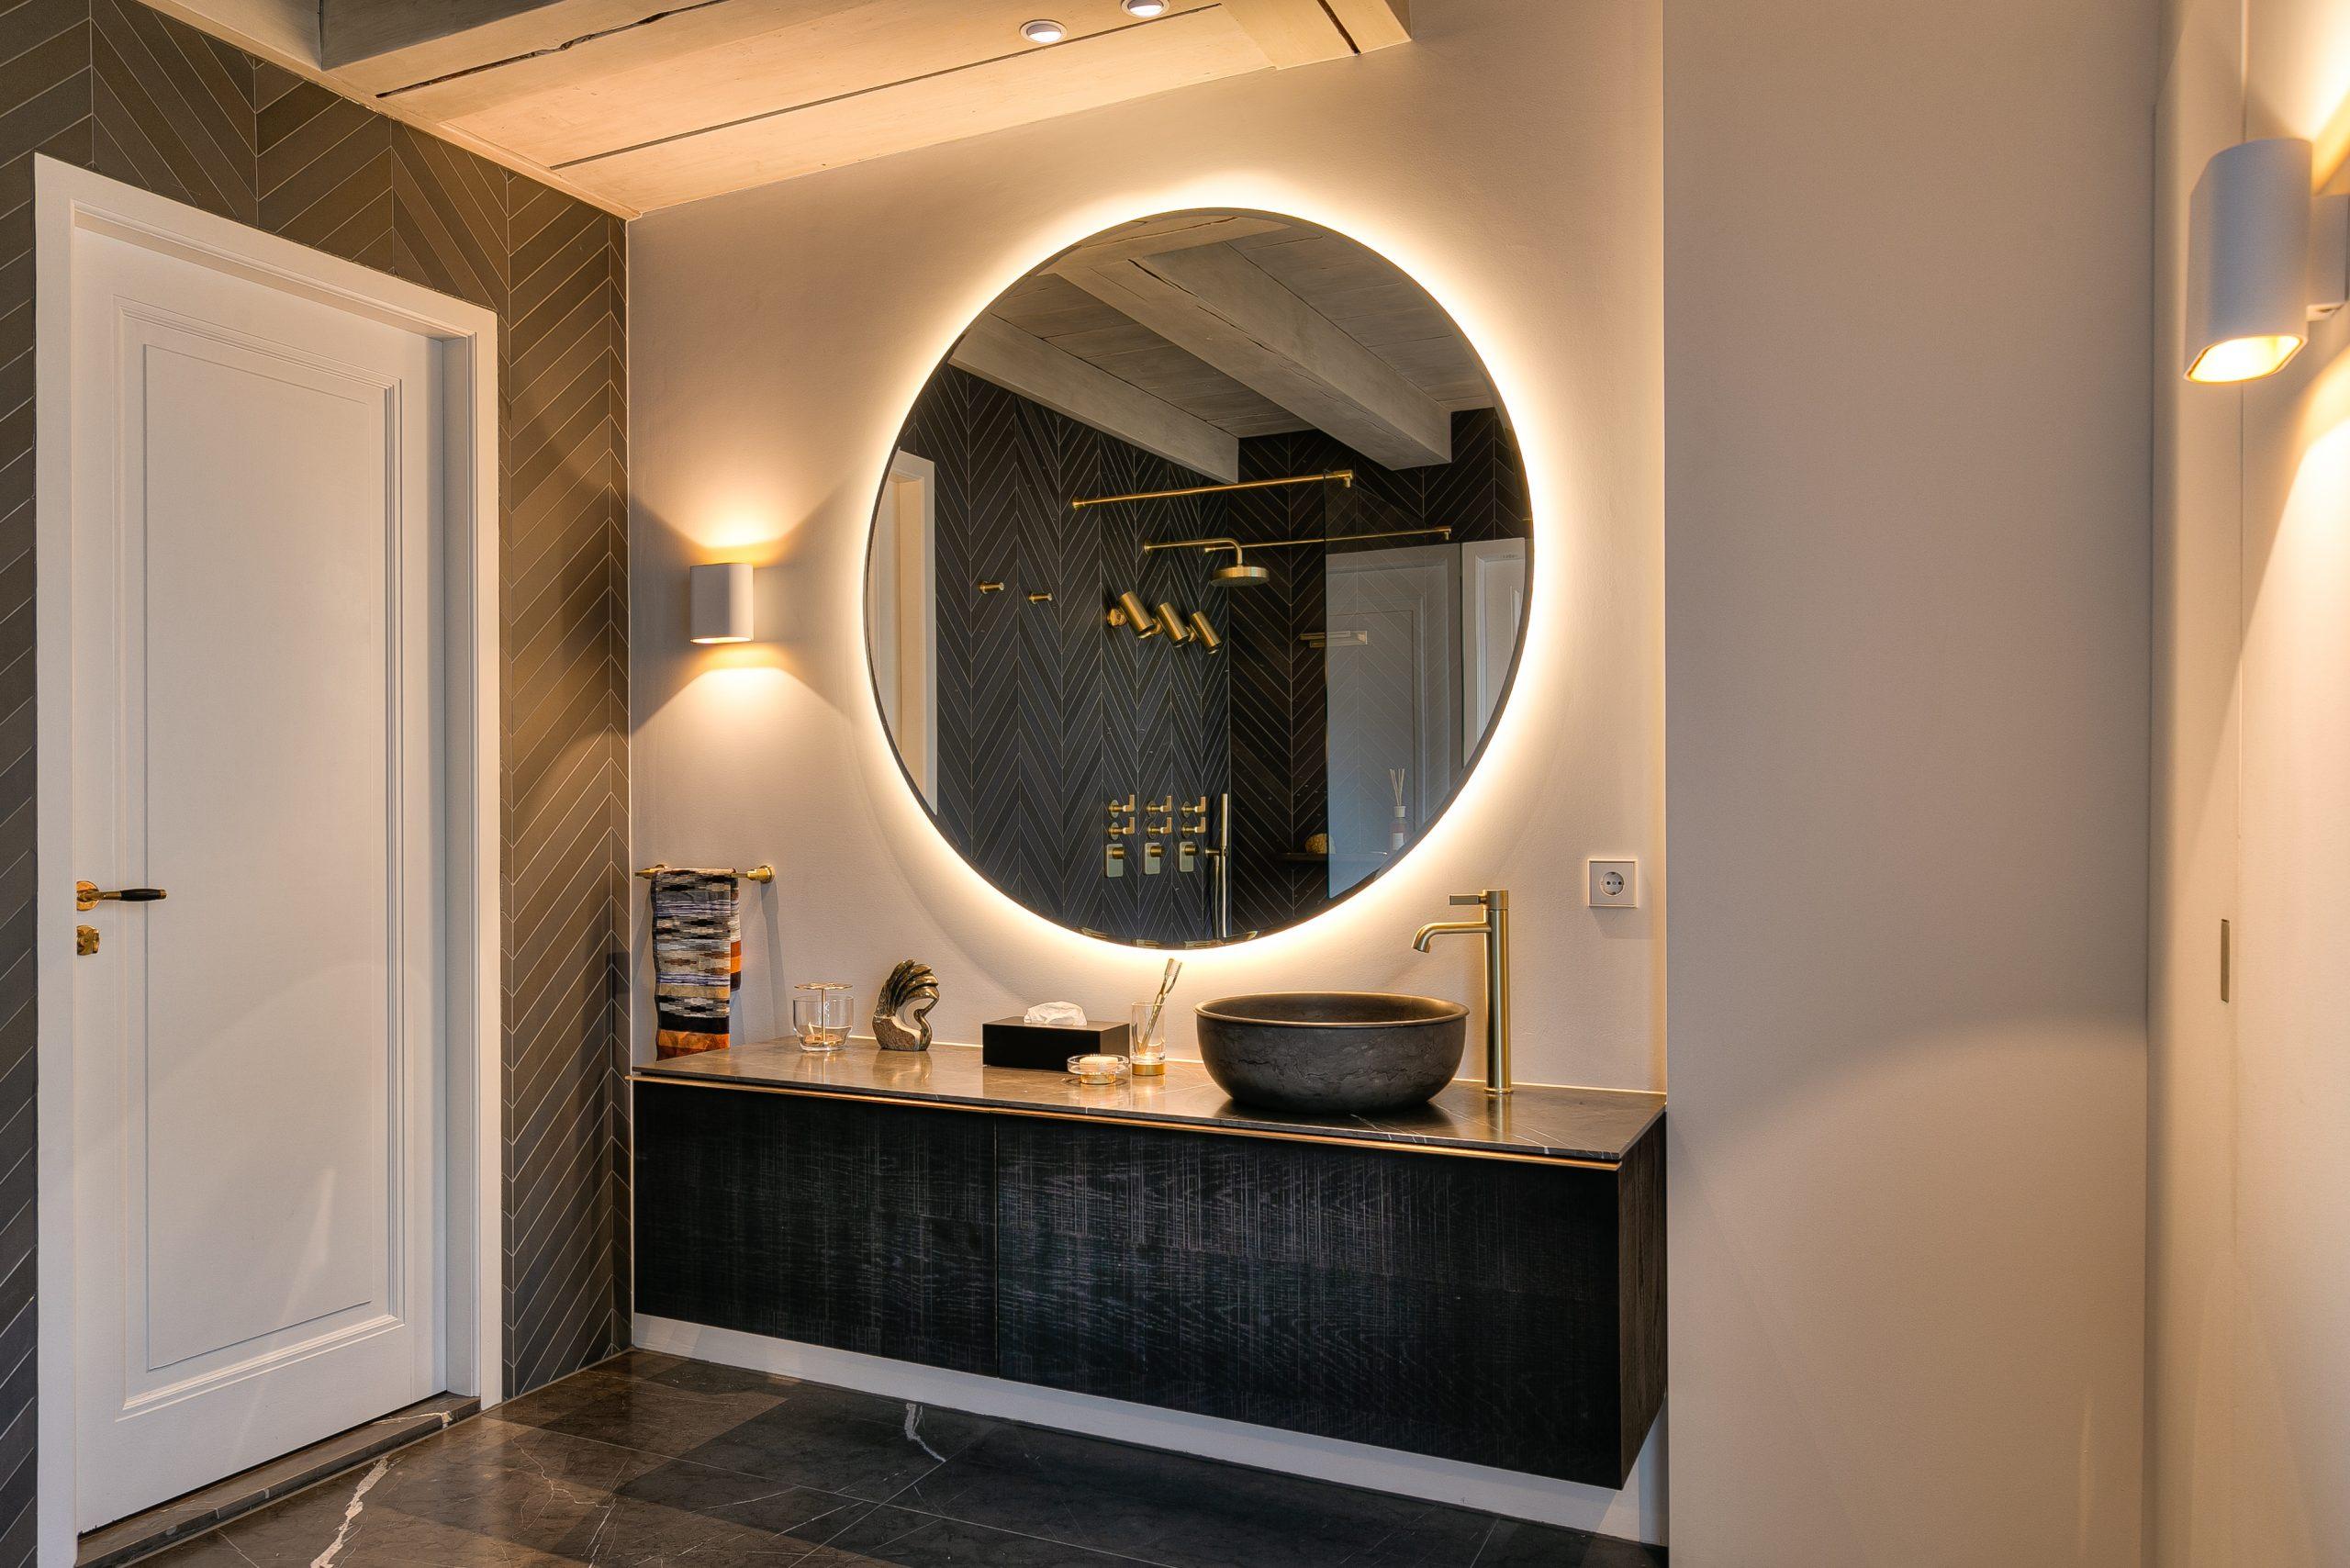 Reguliersgracht Bathroom 1